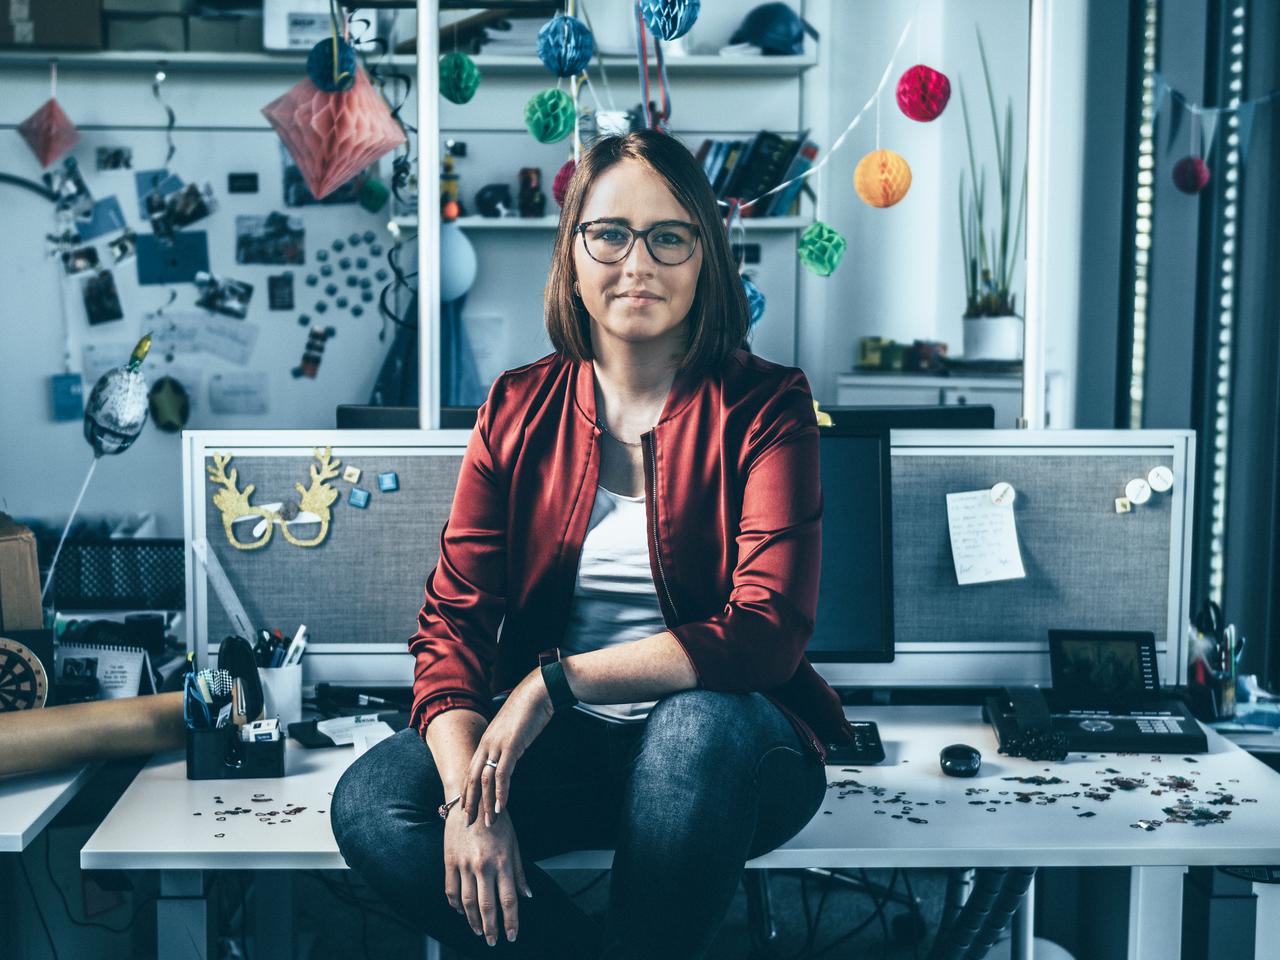 Ihr Job als Wirtschaftsingenieur: die Zukunft von thyssenkrupp entwickeln.